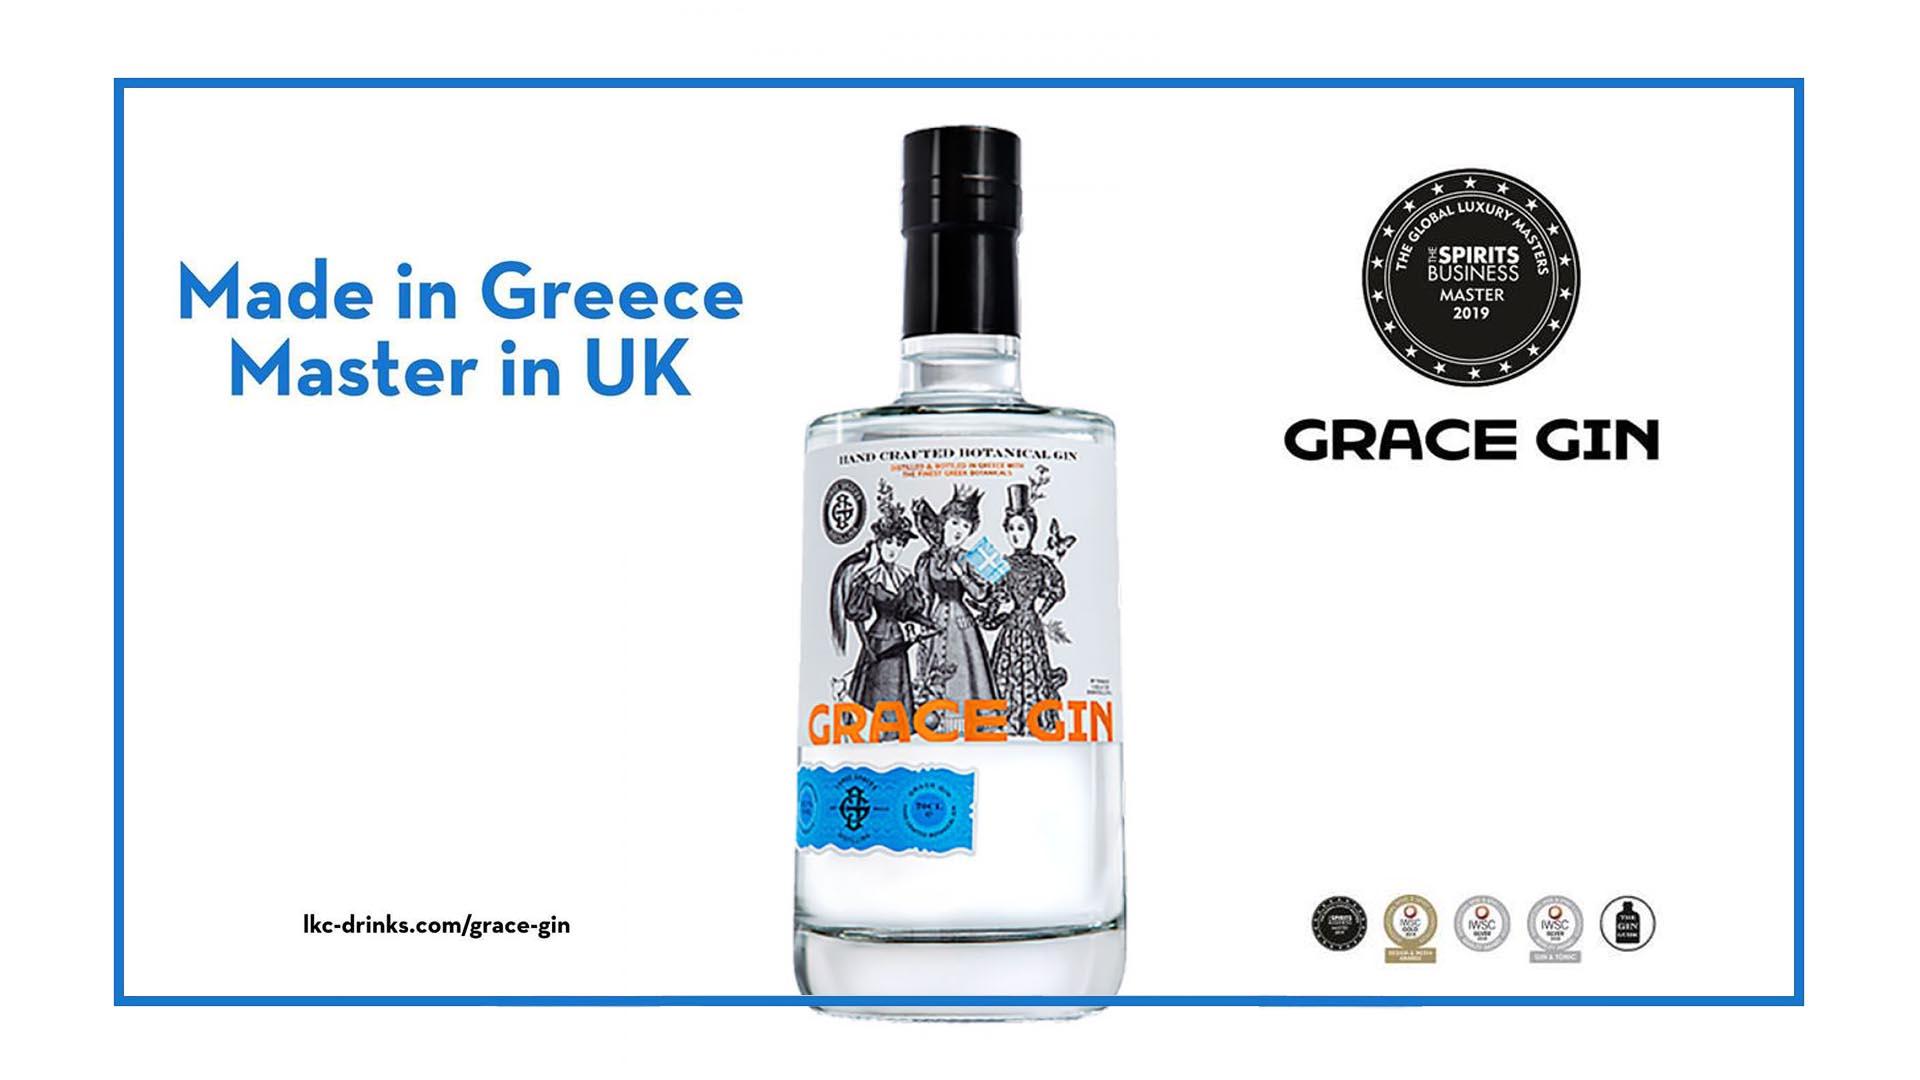 grace gin the spirits master 2019 award